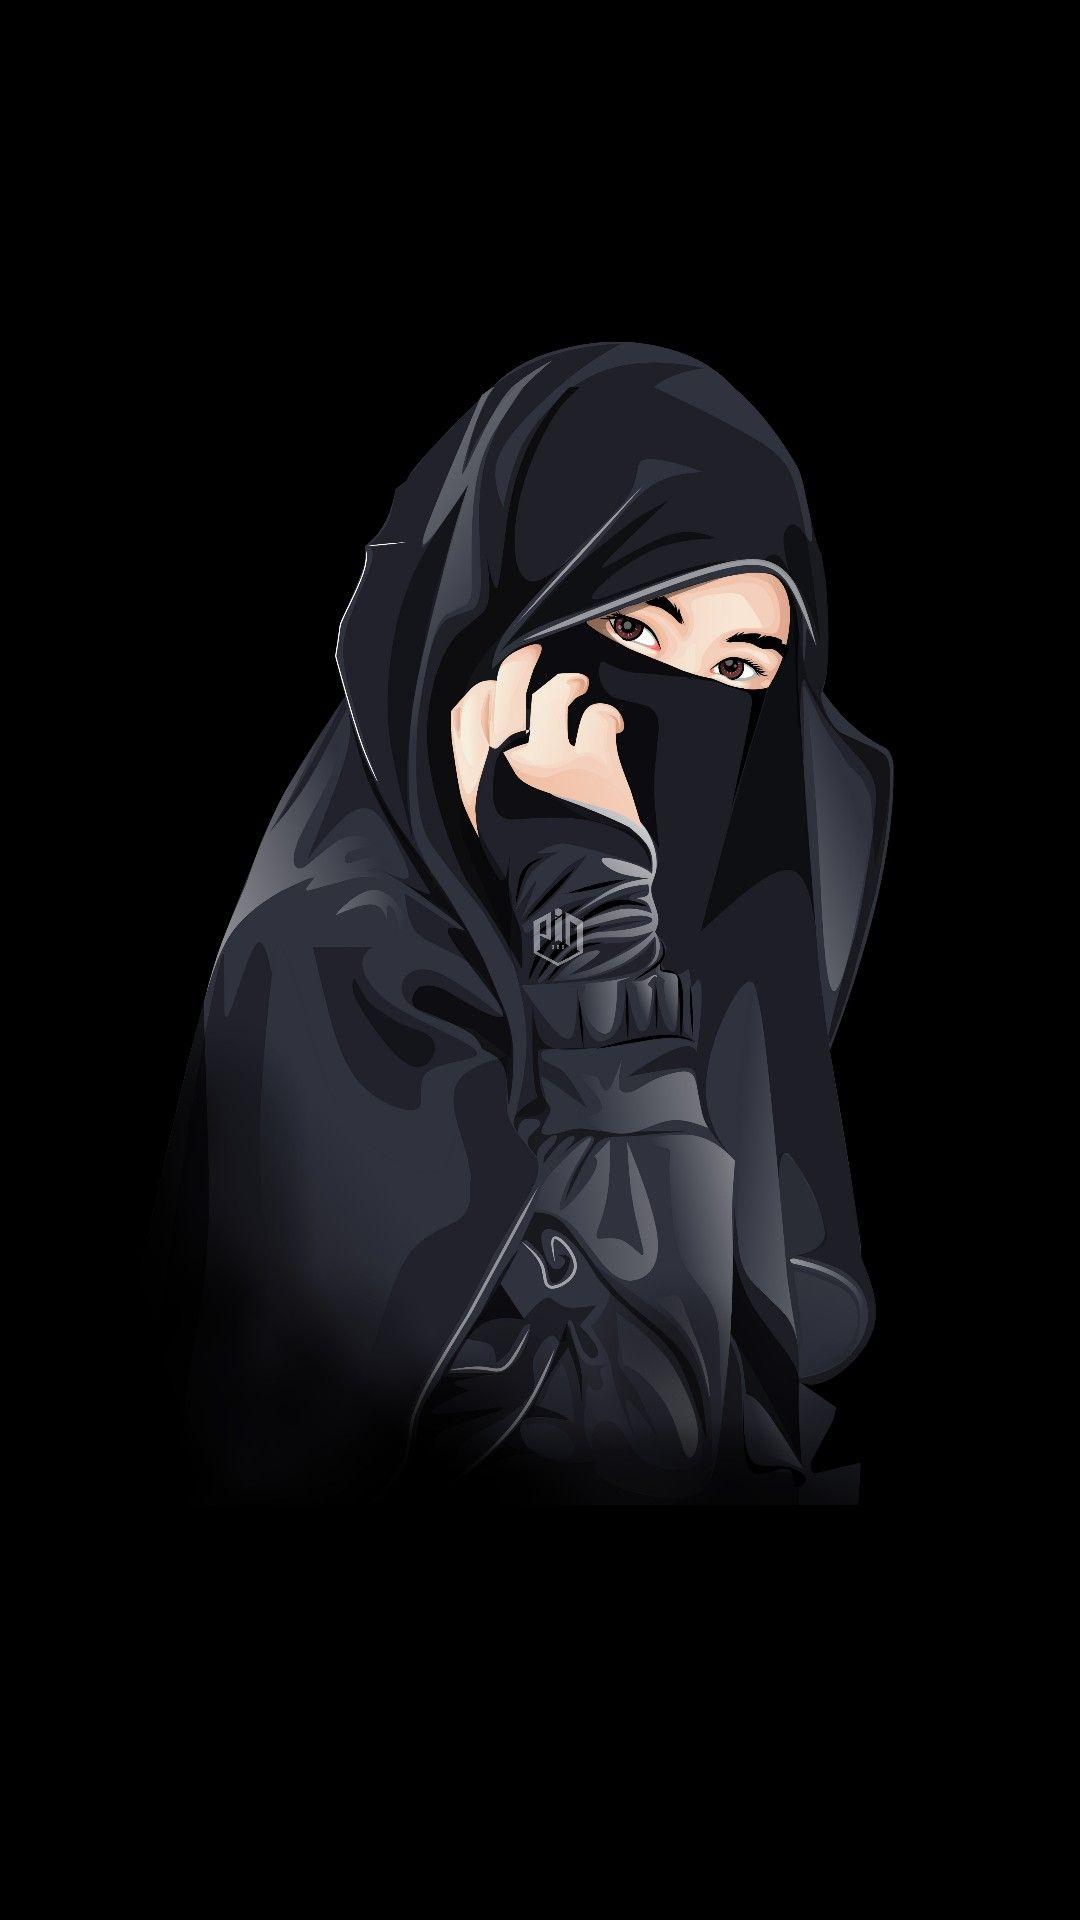 Pin Oleh Budak Jomblo Di Muslim Ilustrasi Orang Gadis Animasi Gambar